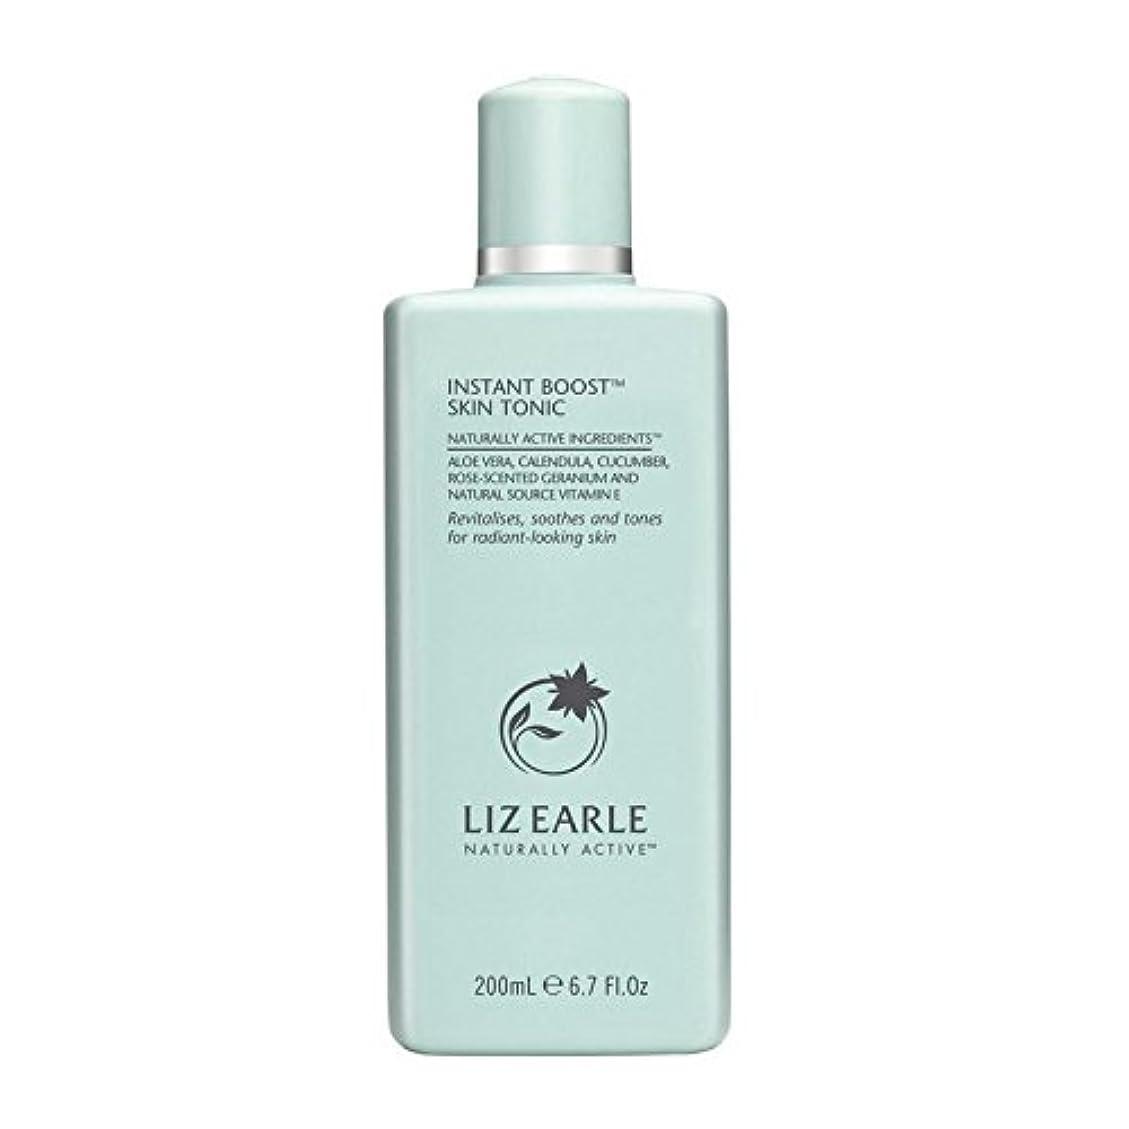 逃げる対抗お別れLiz Earle Instant Boost Skin Tonic Bottle 200ml (Pack of 6) - リズアールインスタントブーストスキントニックボトル200ミリリットル x6 [並行輸入品]